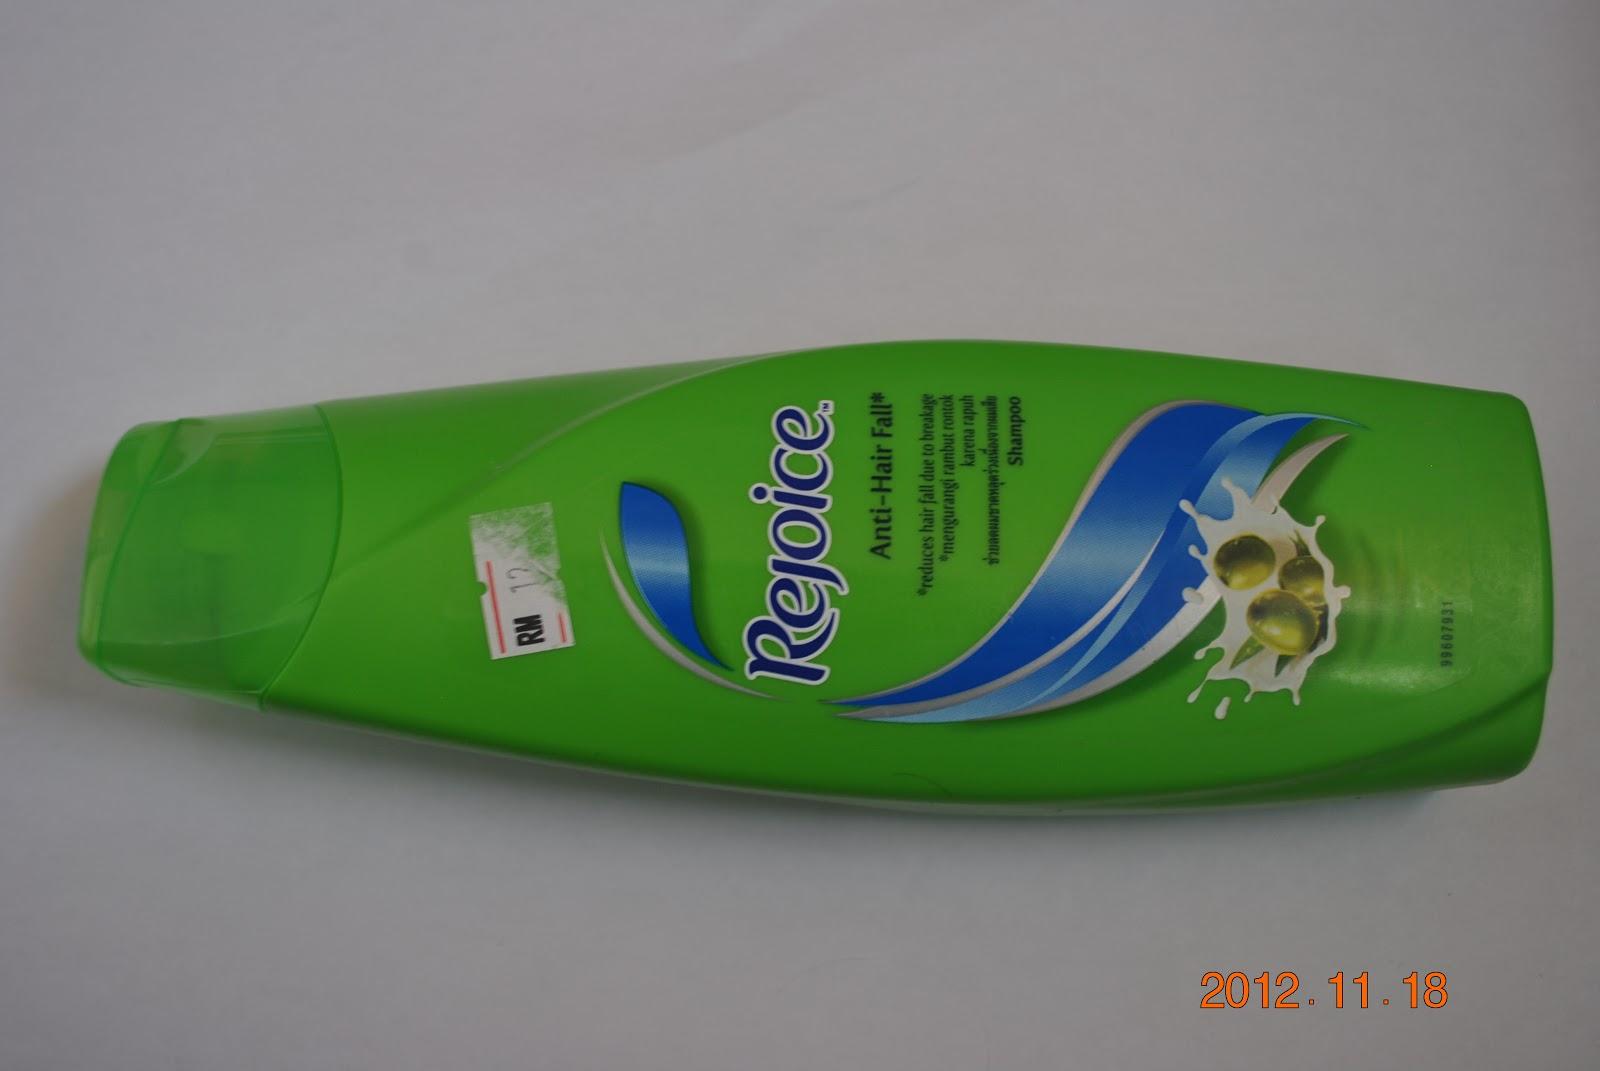 Selamat Datang Alat Alat Menjaga Kebersihan Diri